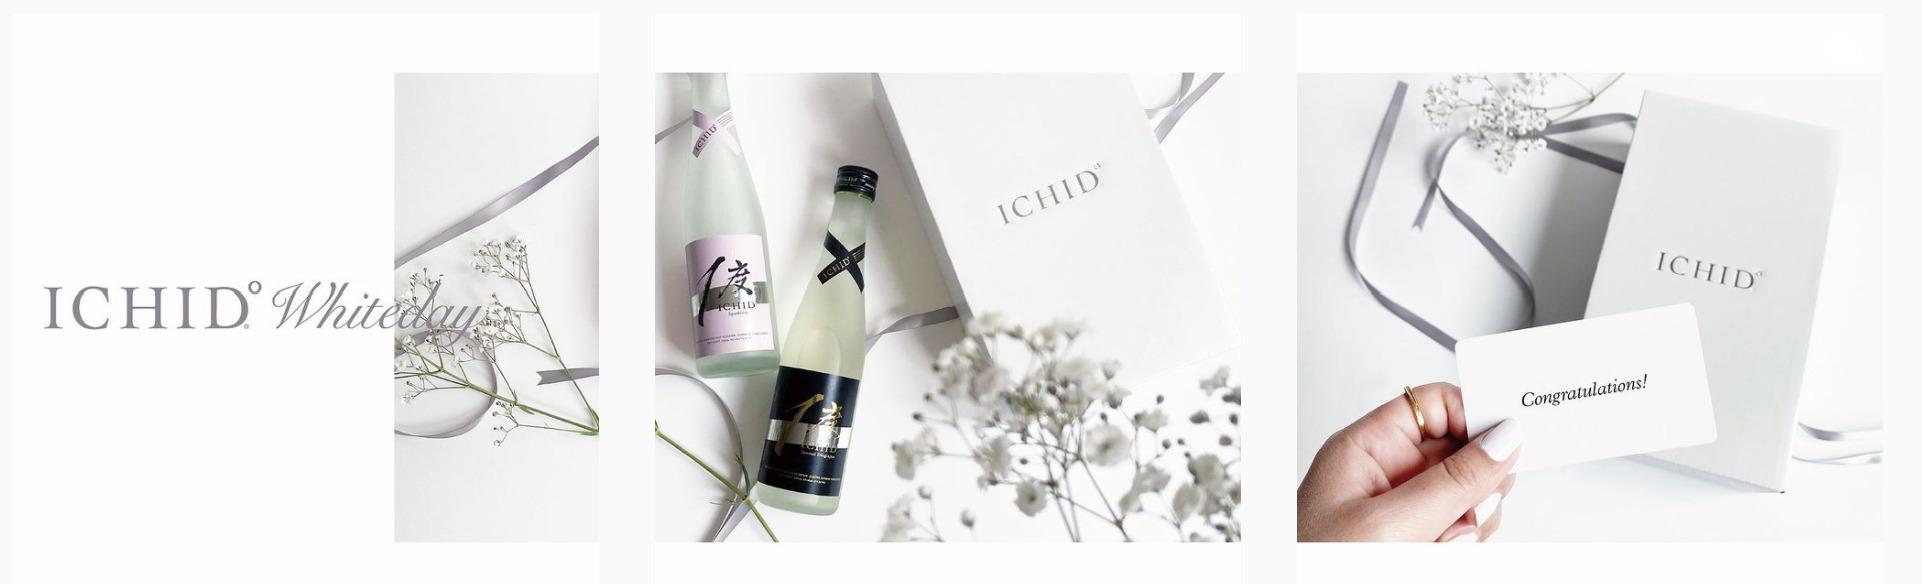 新スパークリング酒「ICHIDO Rose(ロゼ)』フェミナリーズ世界ワインコンクールで金賞受賞